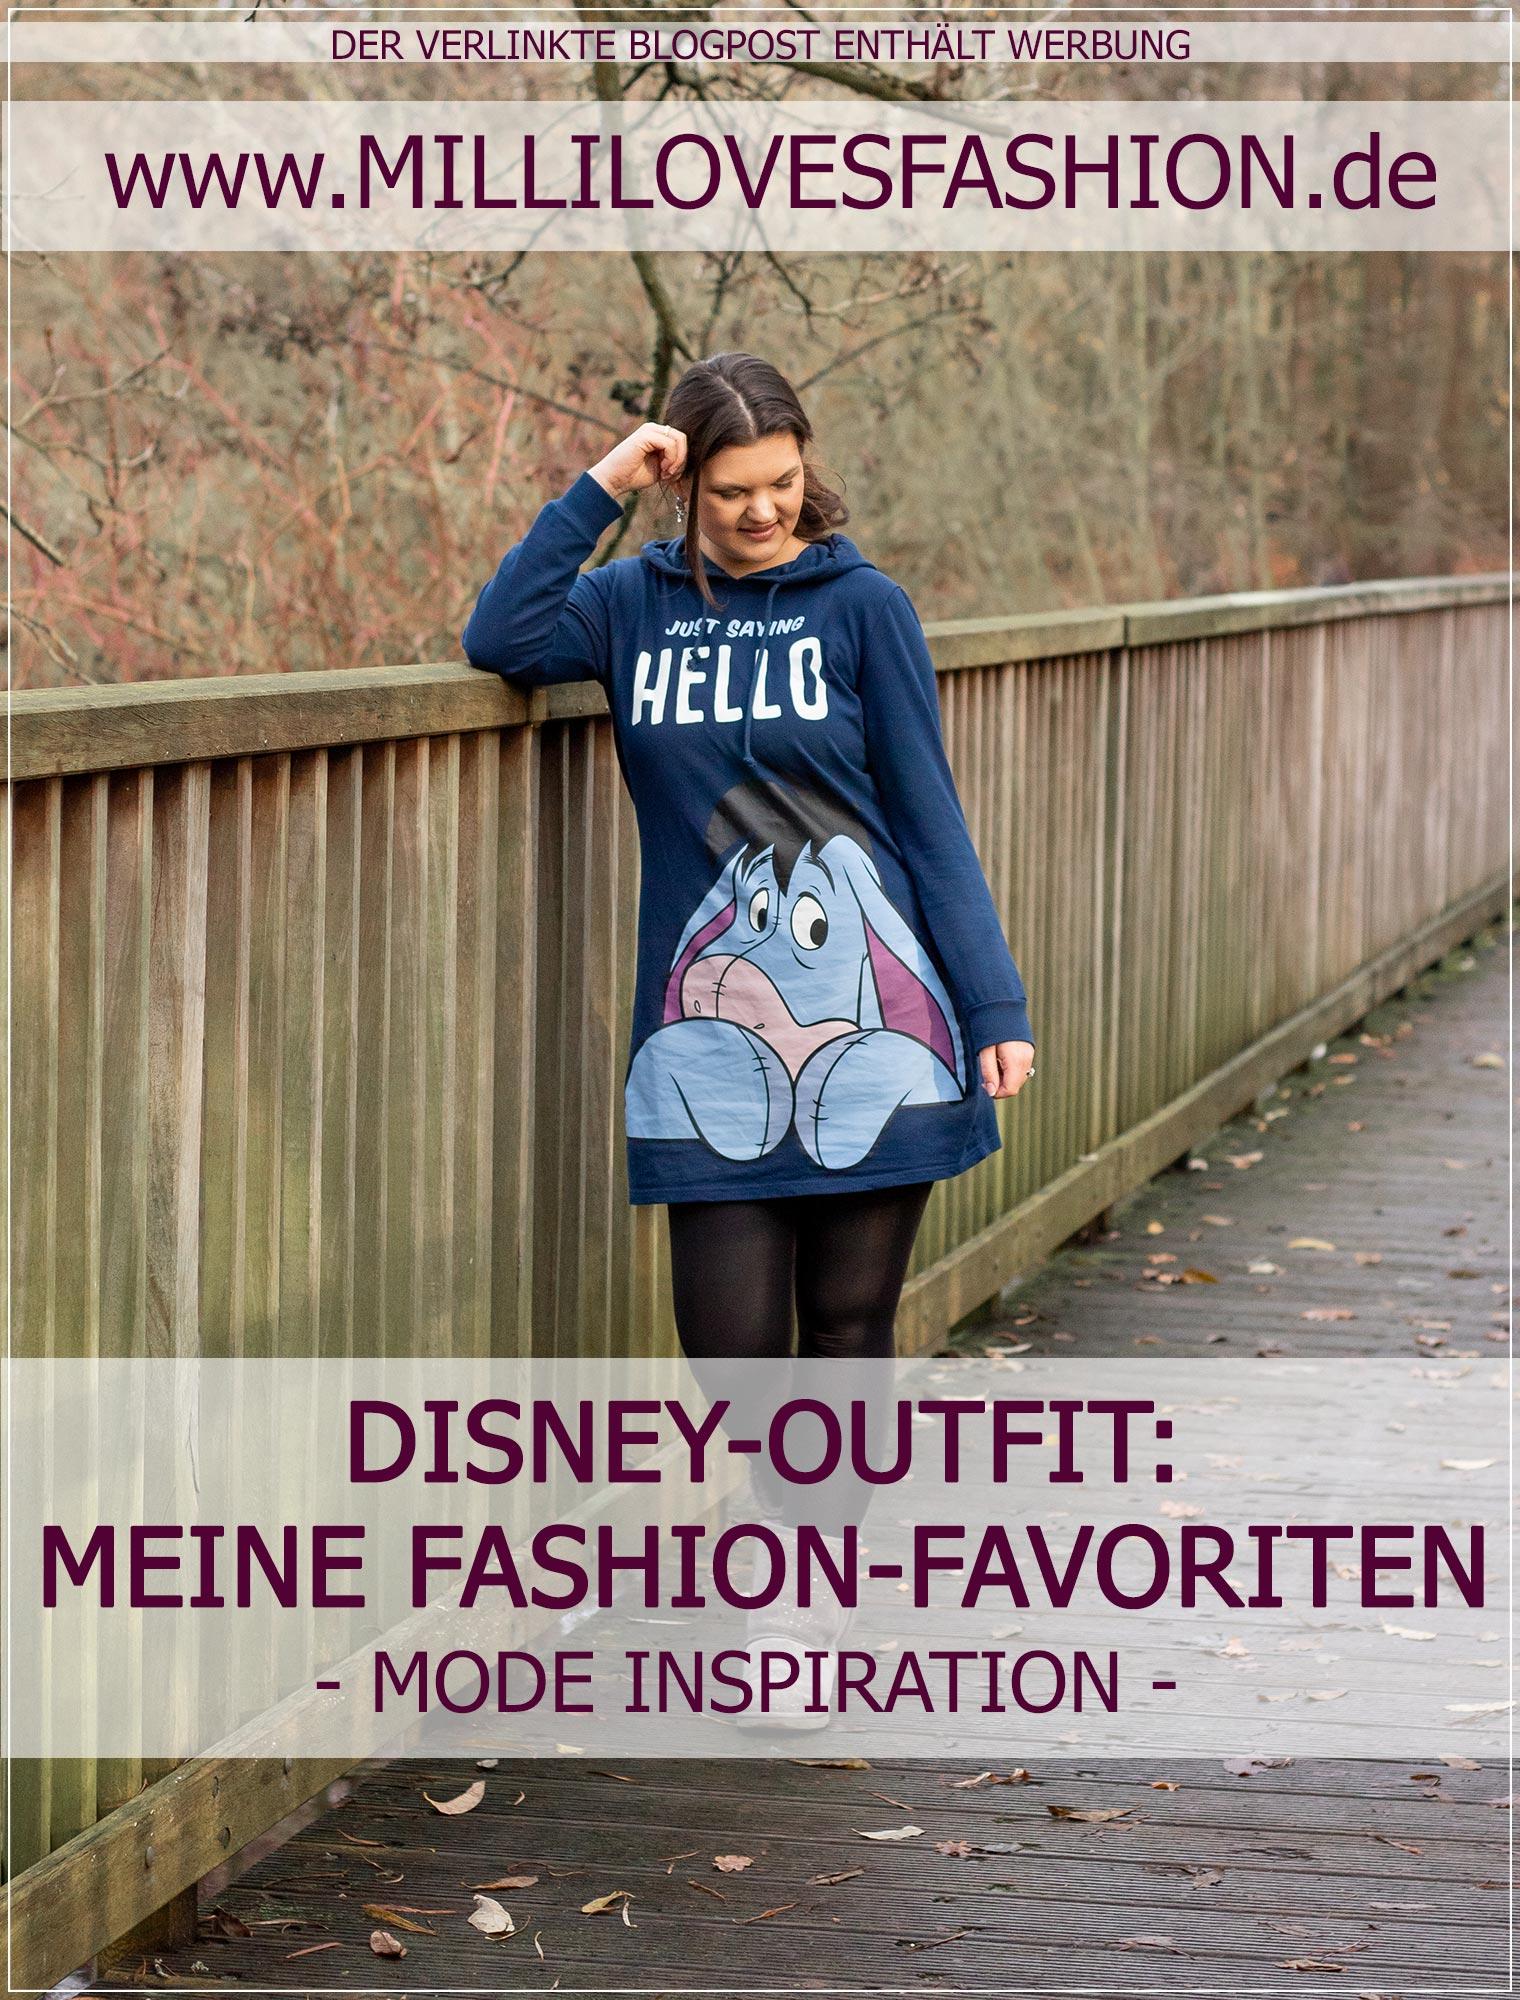 Disney-Fashion die coolsten Teile Shopping-Tipps